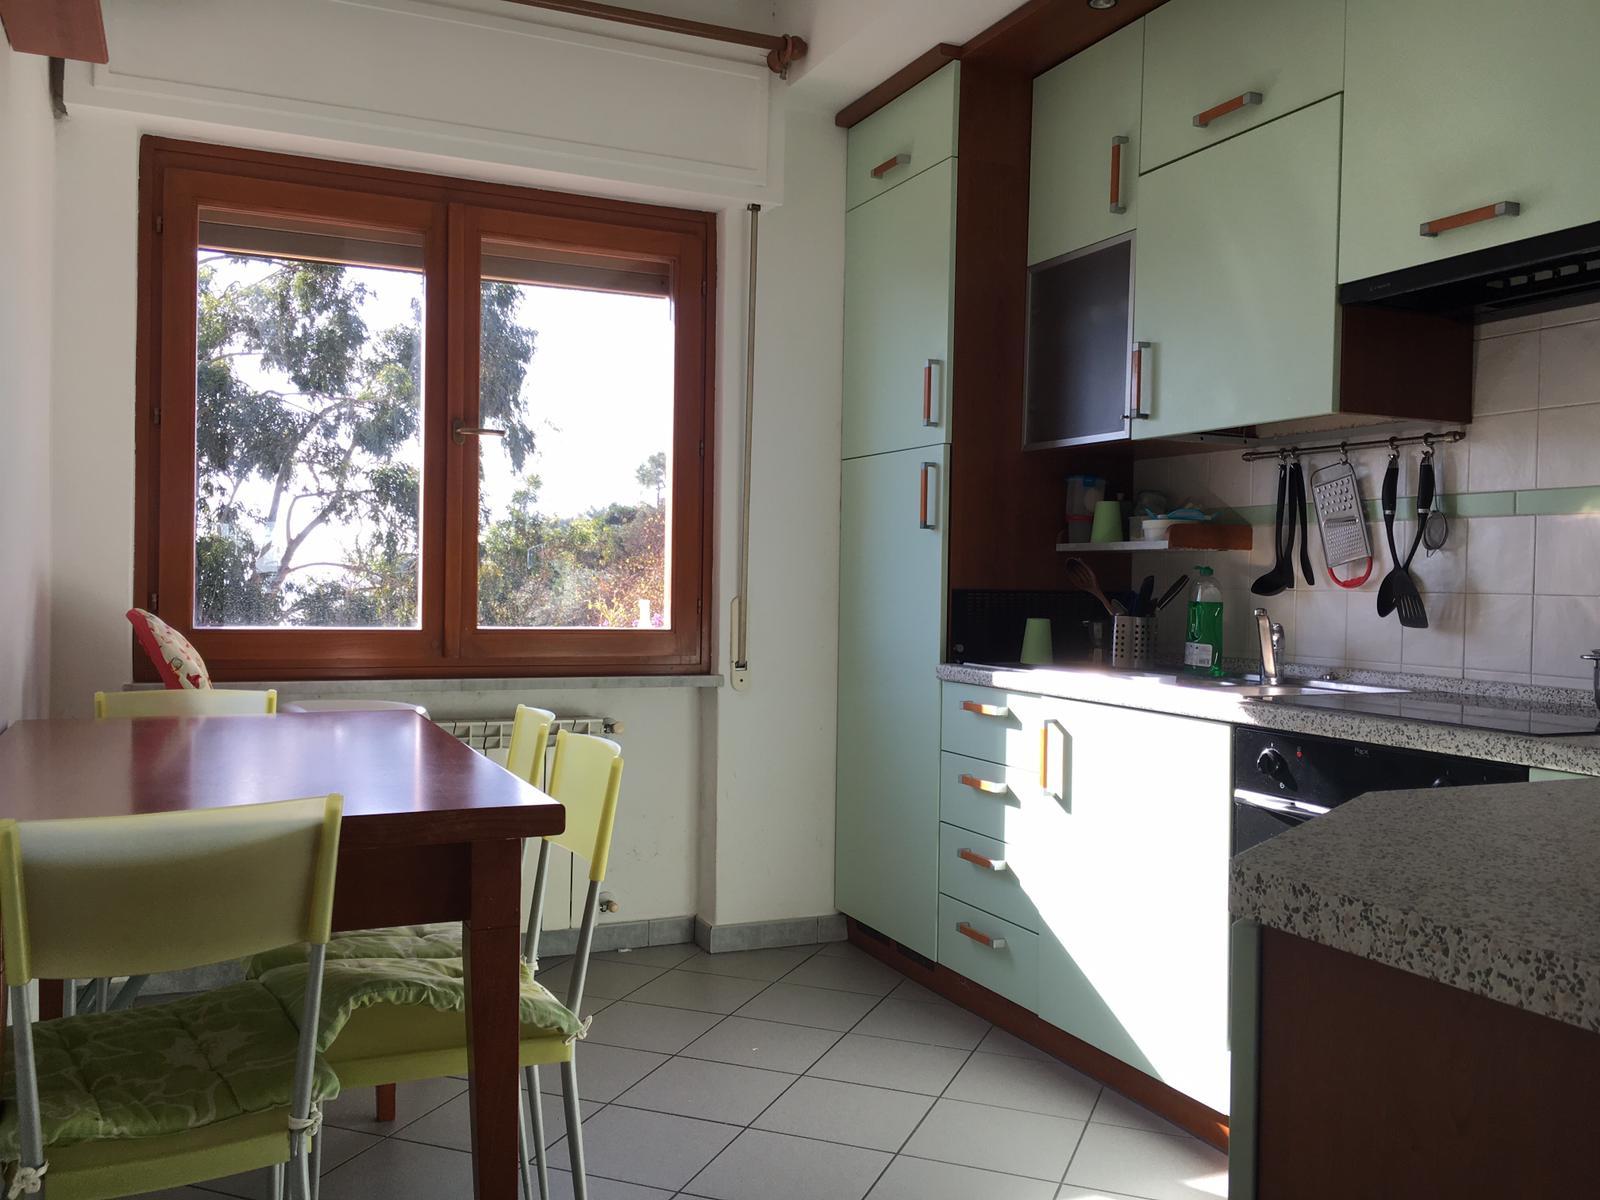 Appartamento in vendita a Cervo, 3 locali, prezzo € 183.000 | CambioCasa.it